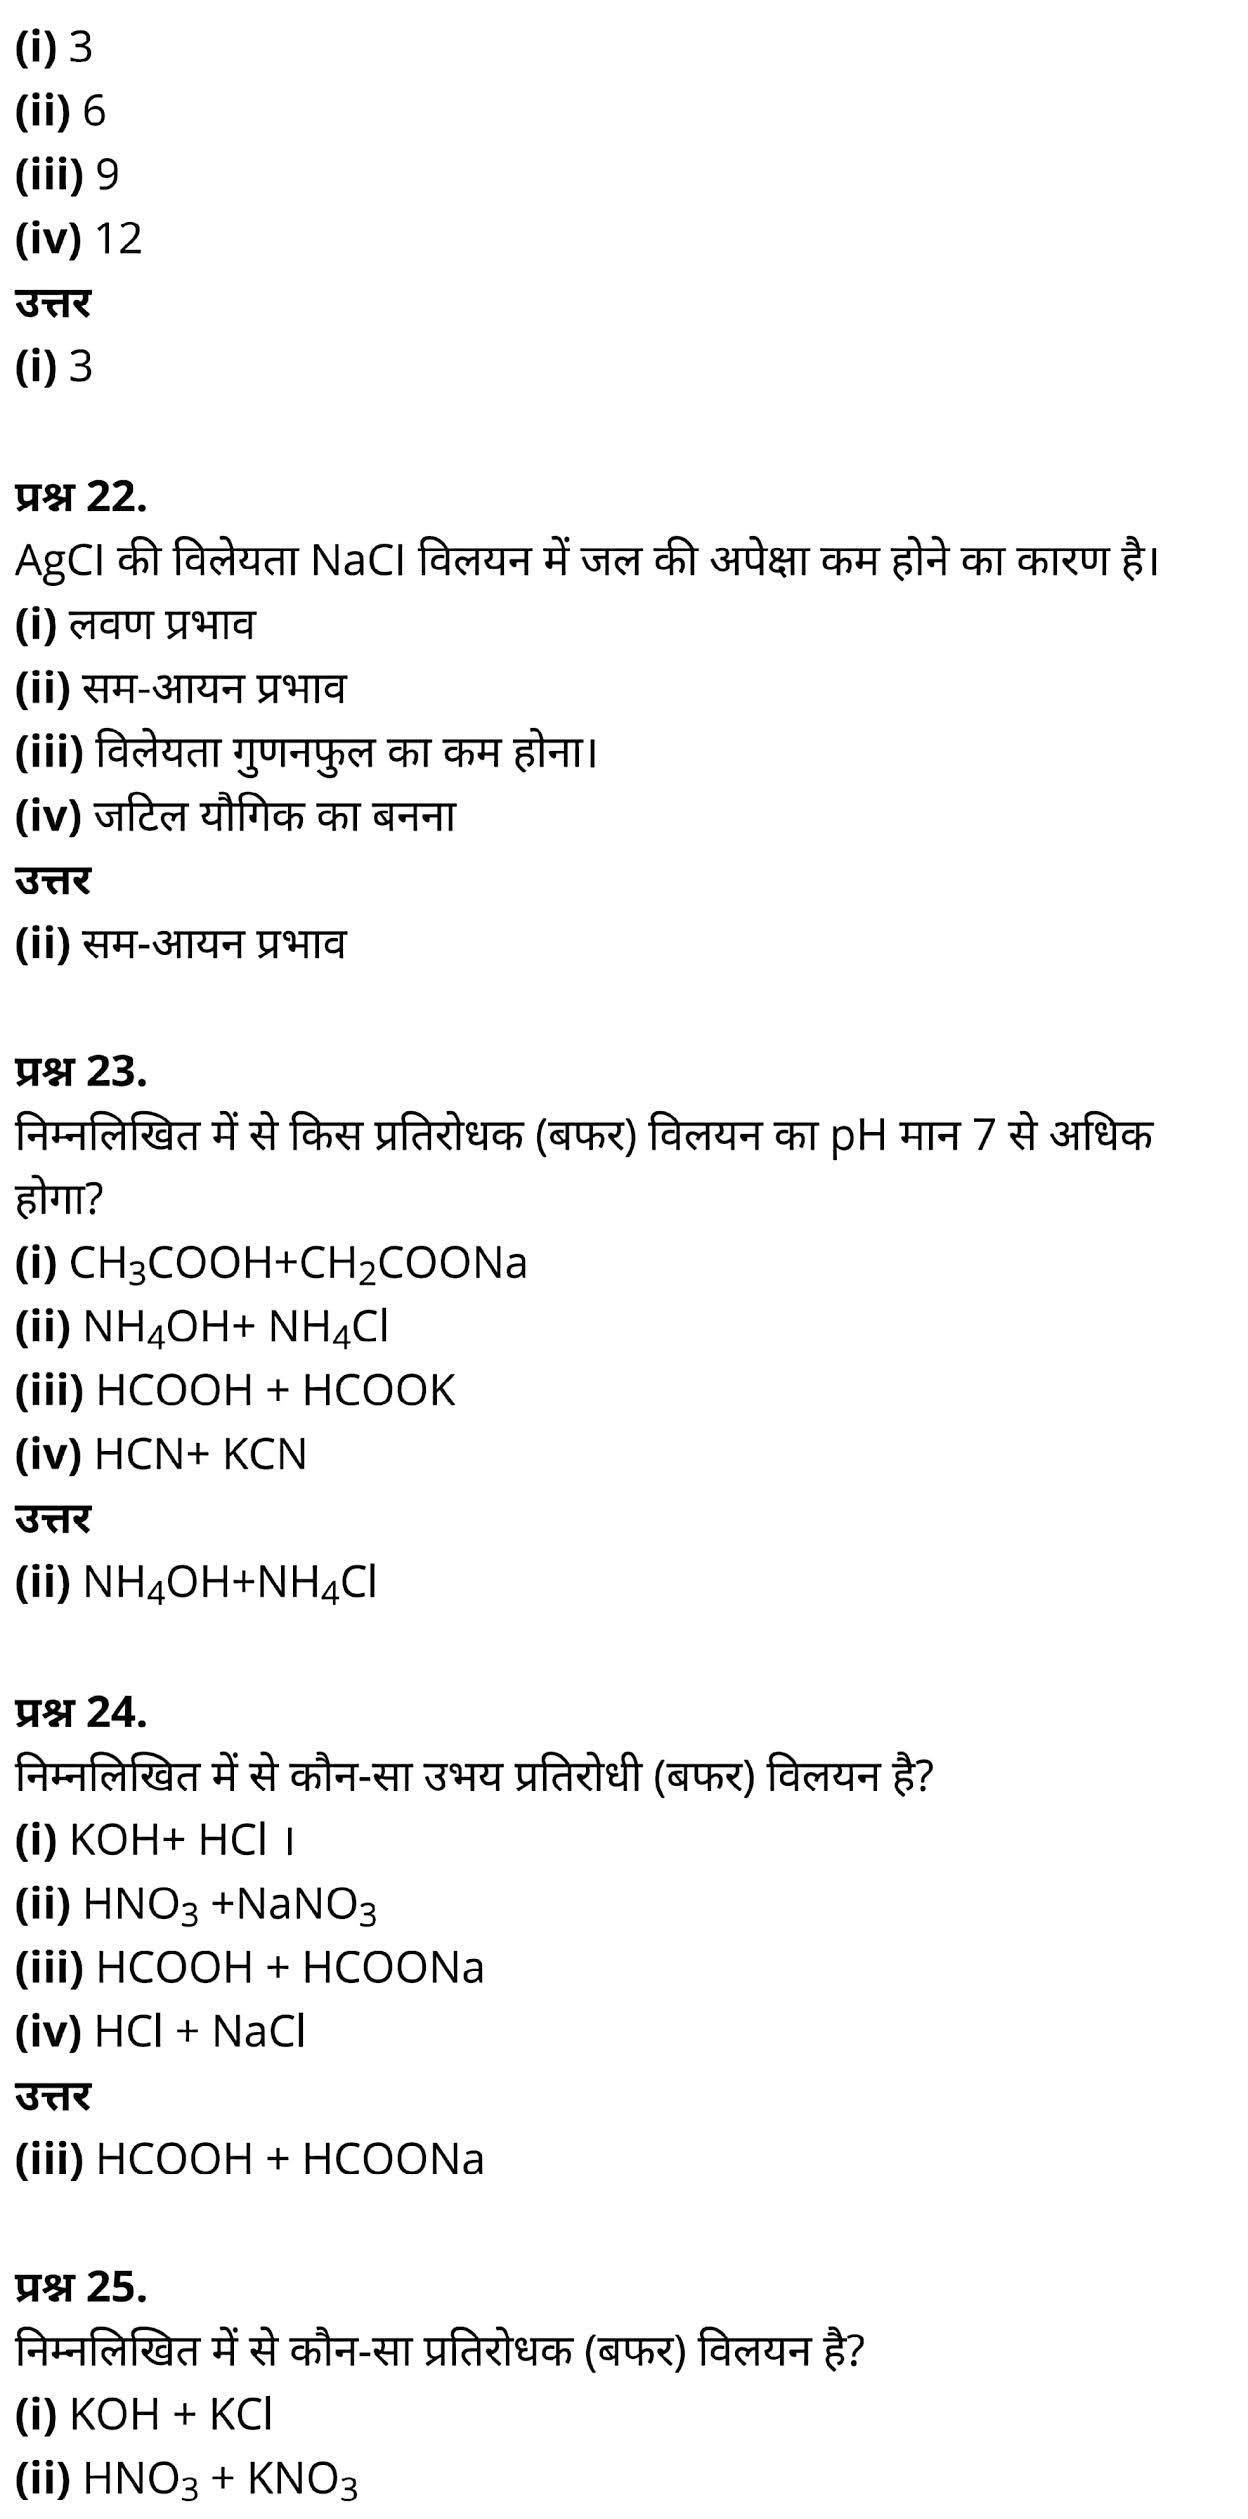 कक्षा 11 रसायन विज्ञान अध्याय 7, कक्षा 11 रसायन विज्ञान  का अध्याय 7 ncert solution in hindi, कक्षा 11 रसायन विज्ञान  के अध्याय 7 के नोट्स हिंदी में, कक्षा 11 का रसायन विज्ञान अध्याय 7 का प्रश्न उत्तर, कक्षा 11 रसायन विज्ञान  अध्याय 7 के नोट्स,